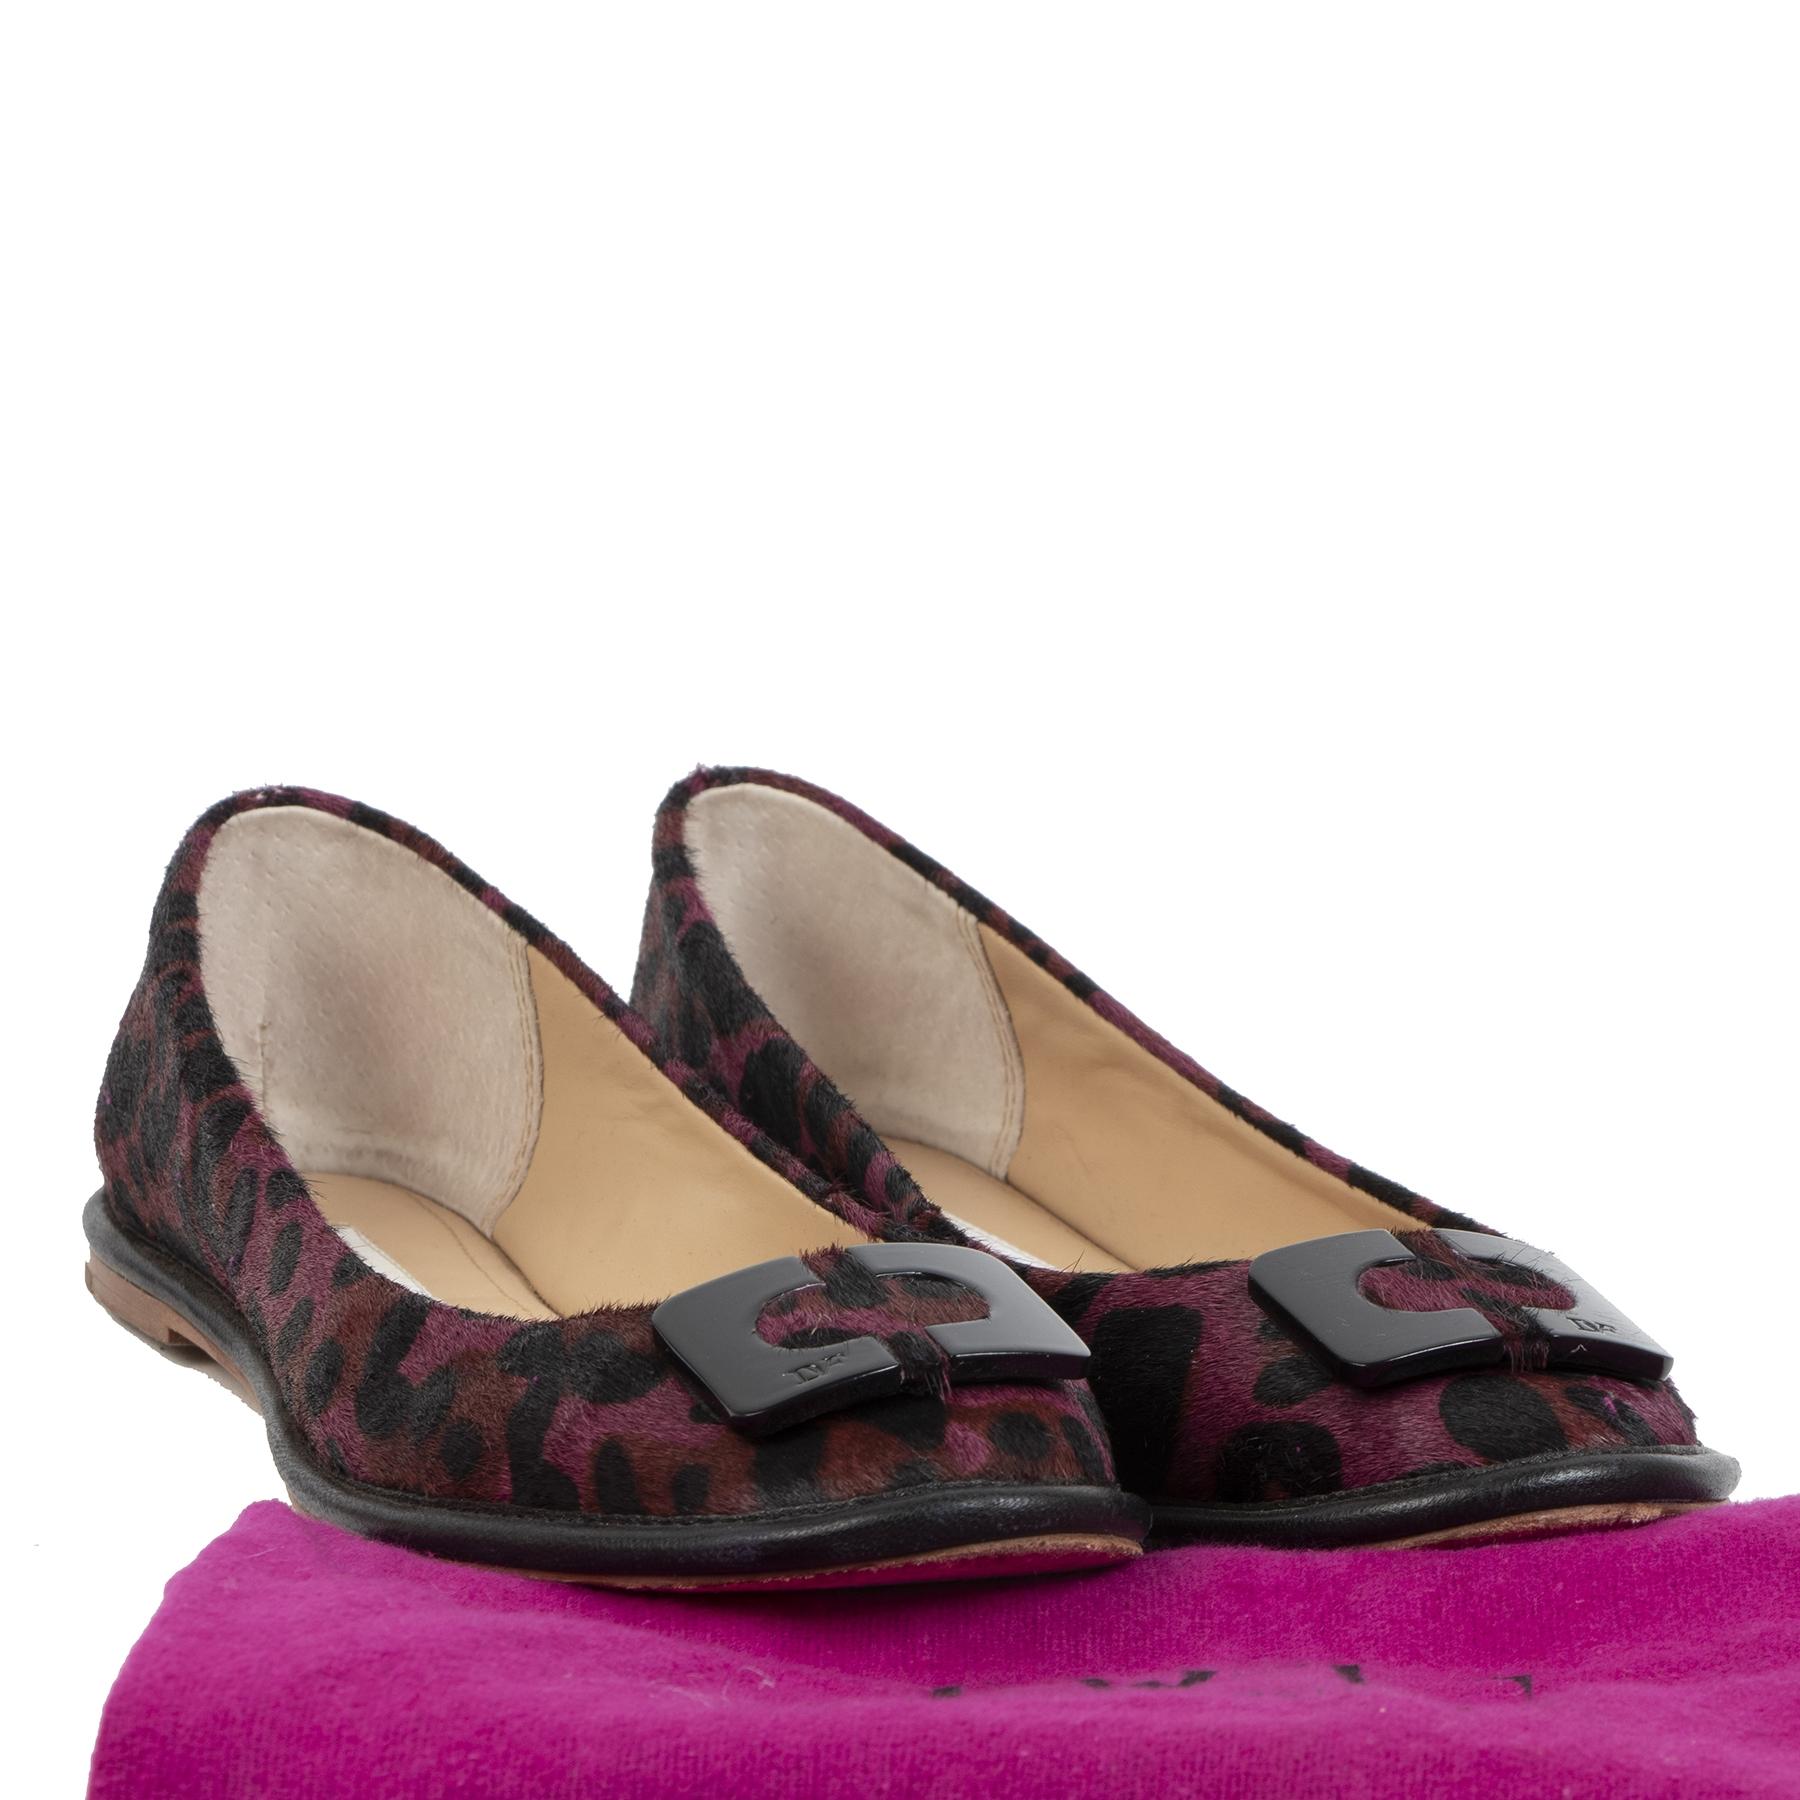 Authentique seconde-main vintage Diane Von Furstenberg Leopard Ballet Flats - Size 40 achète en ligne webshop LabelLOV